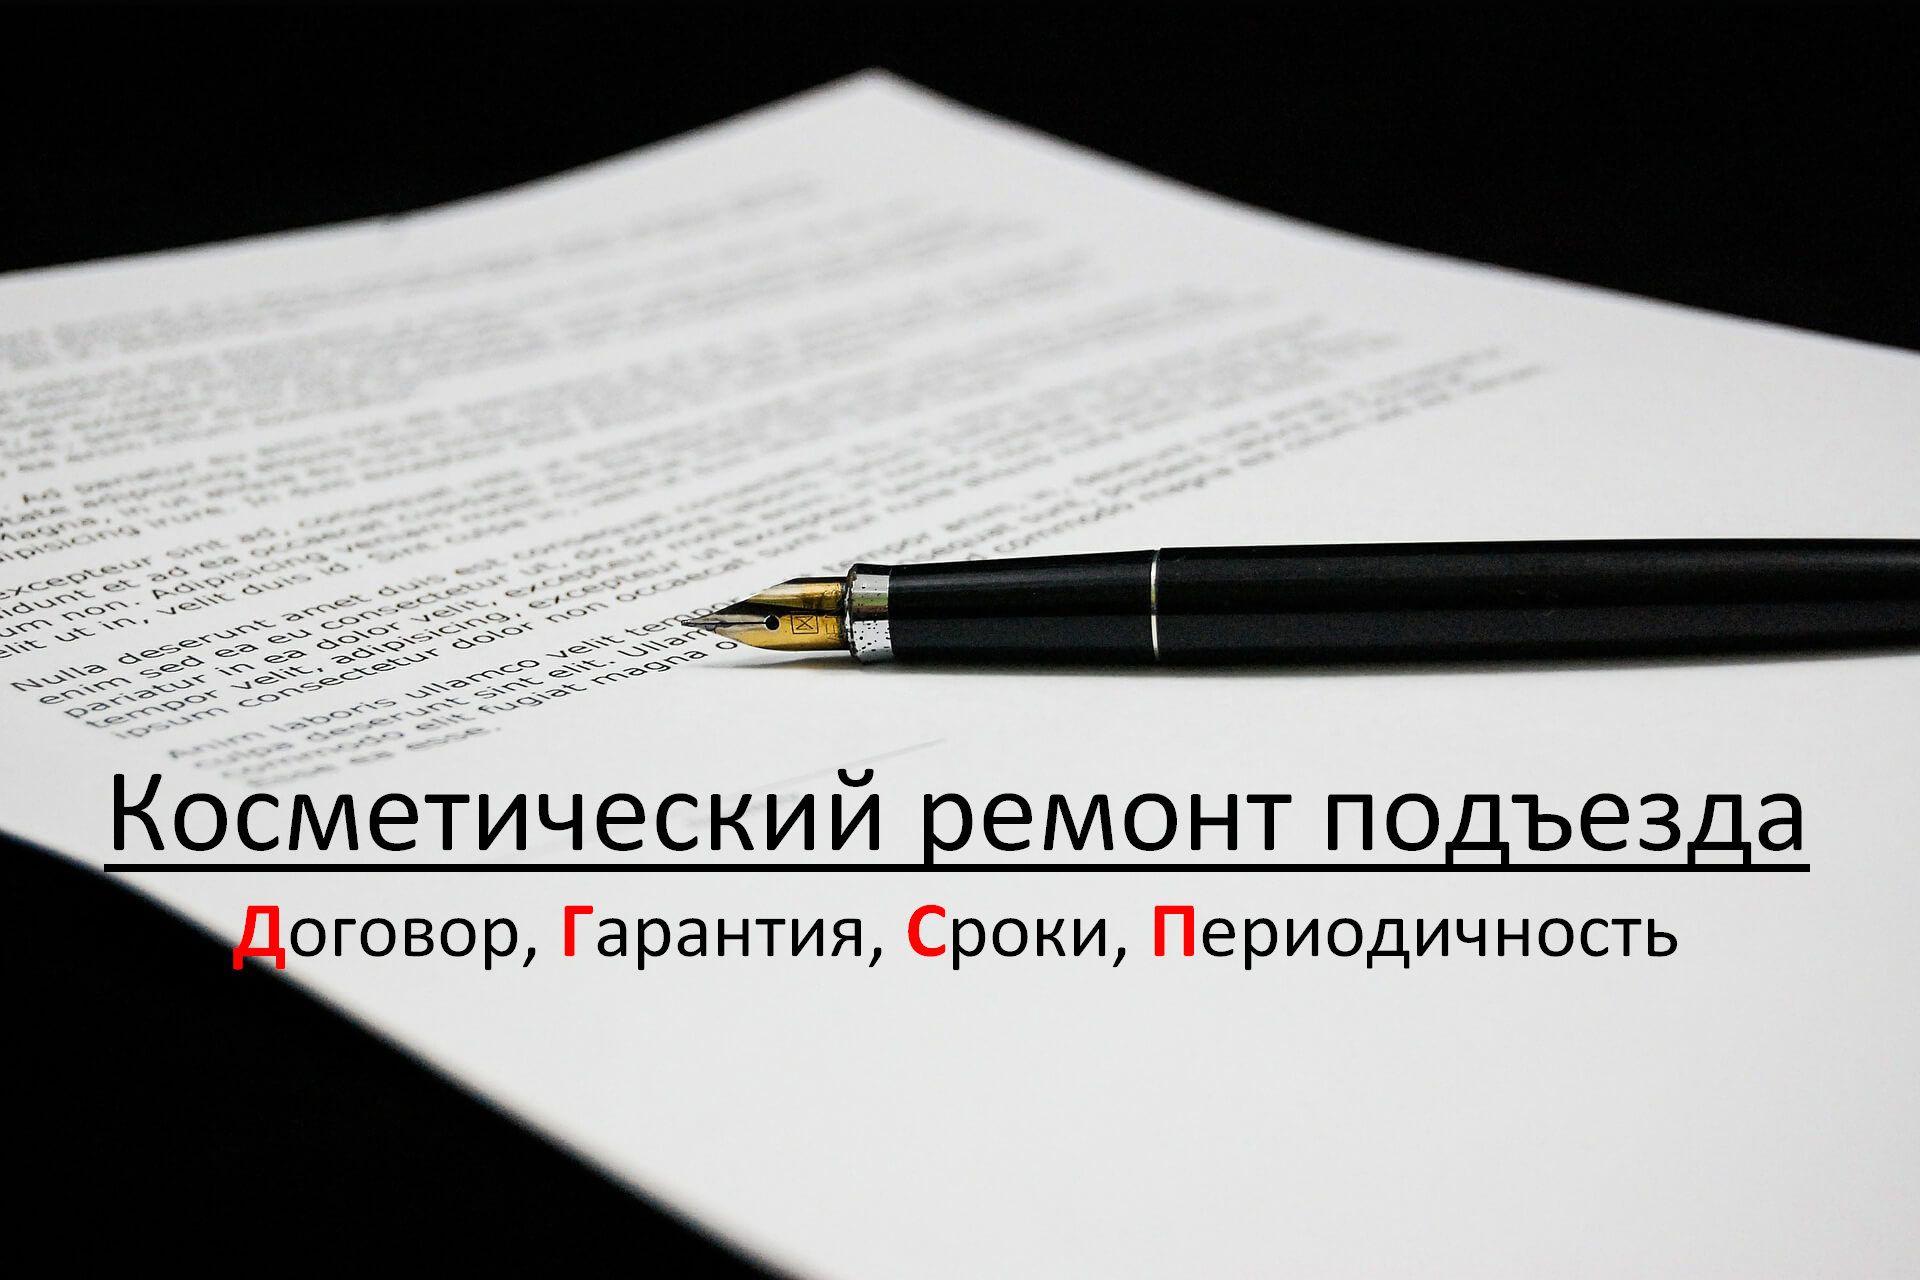 Косметический ремонт подъезда - договор, гарантия, сроки, периодичность